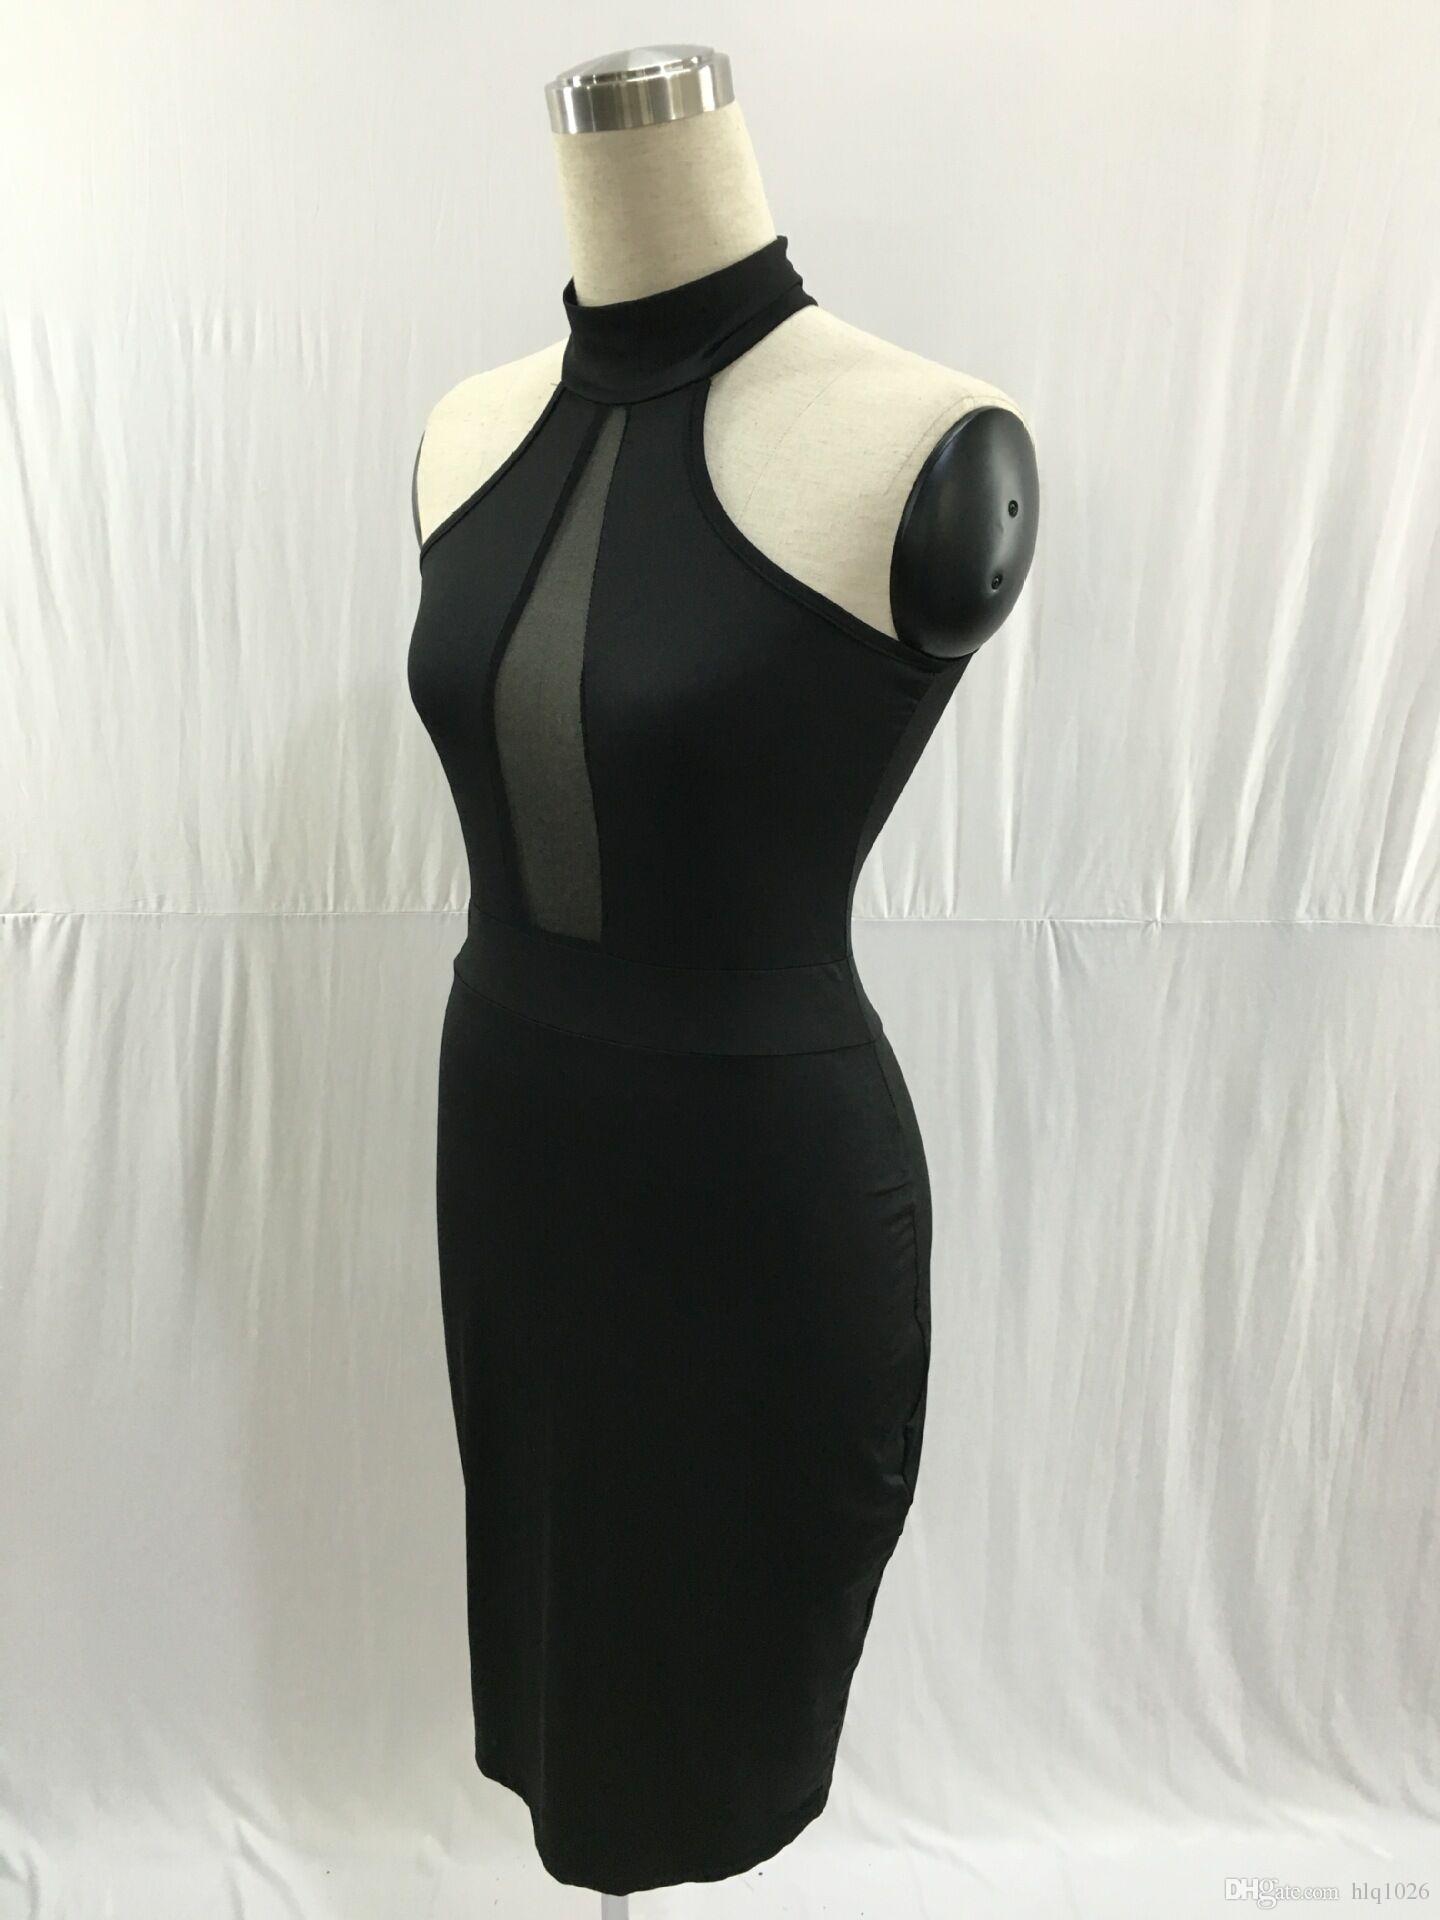 2017 Yaz Kolsuz Midi Bodycon Elbise Backless Seksi Kadınlar Elbise Kulübü Zarif Örgü Parti Elbiseler Ücretsiz Nakliye Giymek